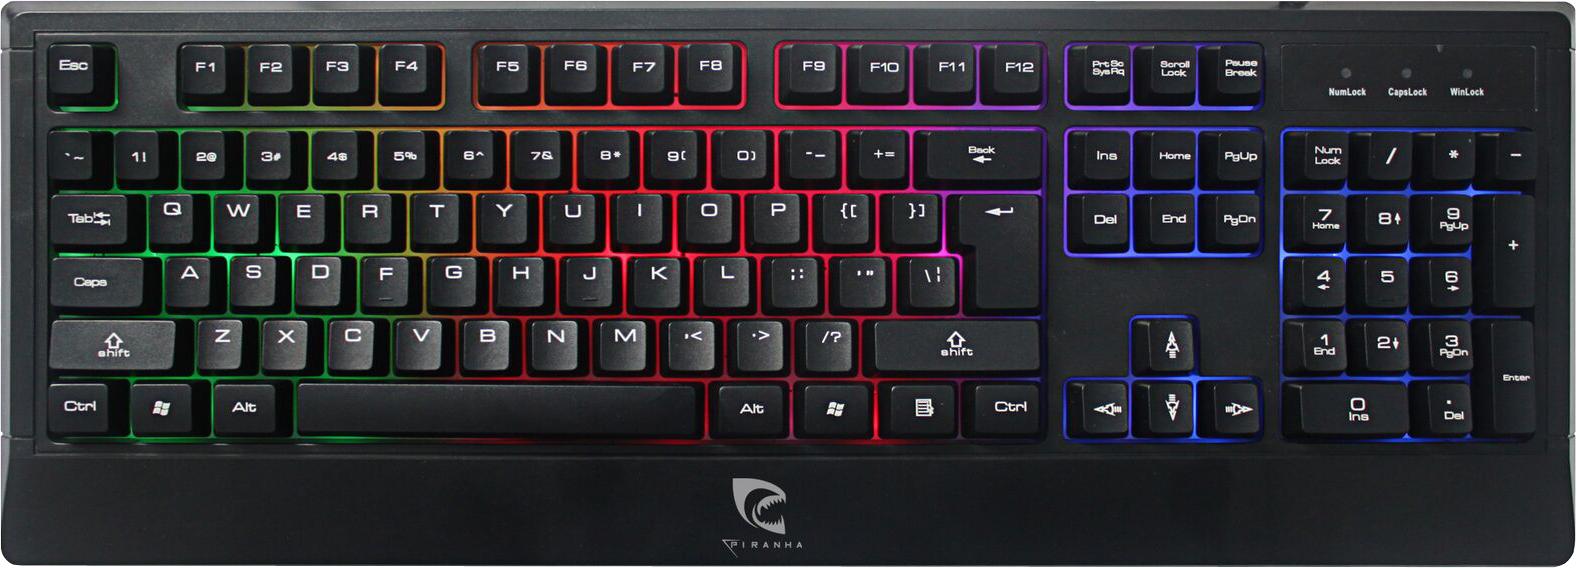 Piranha Gaming Keyboard K20